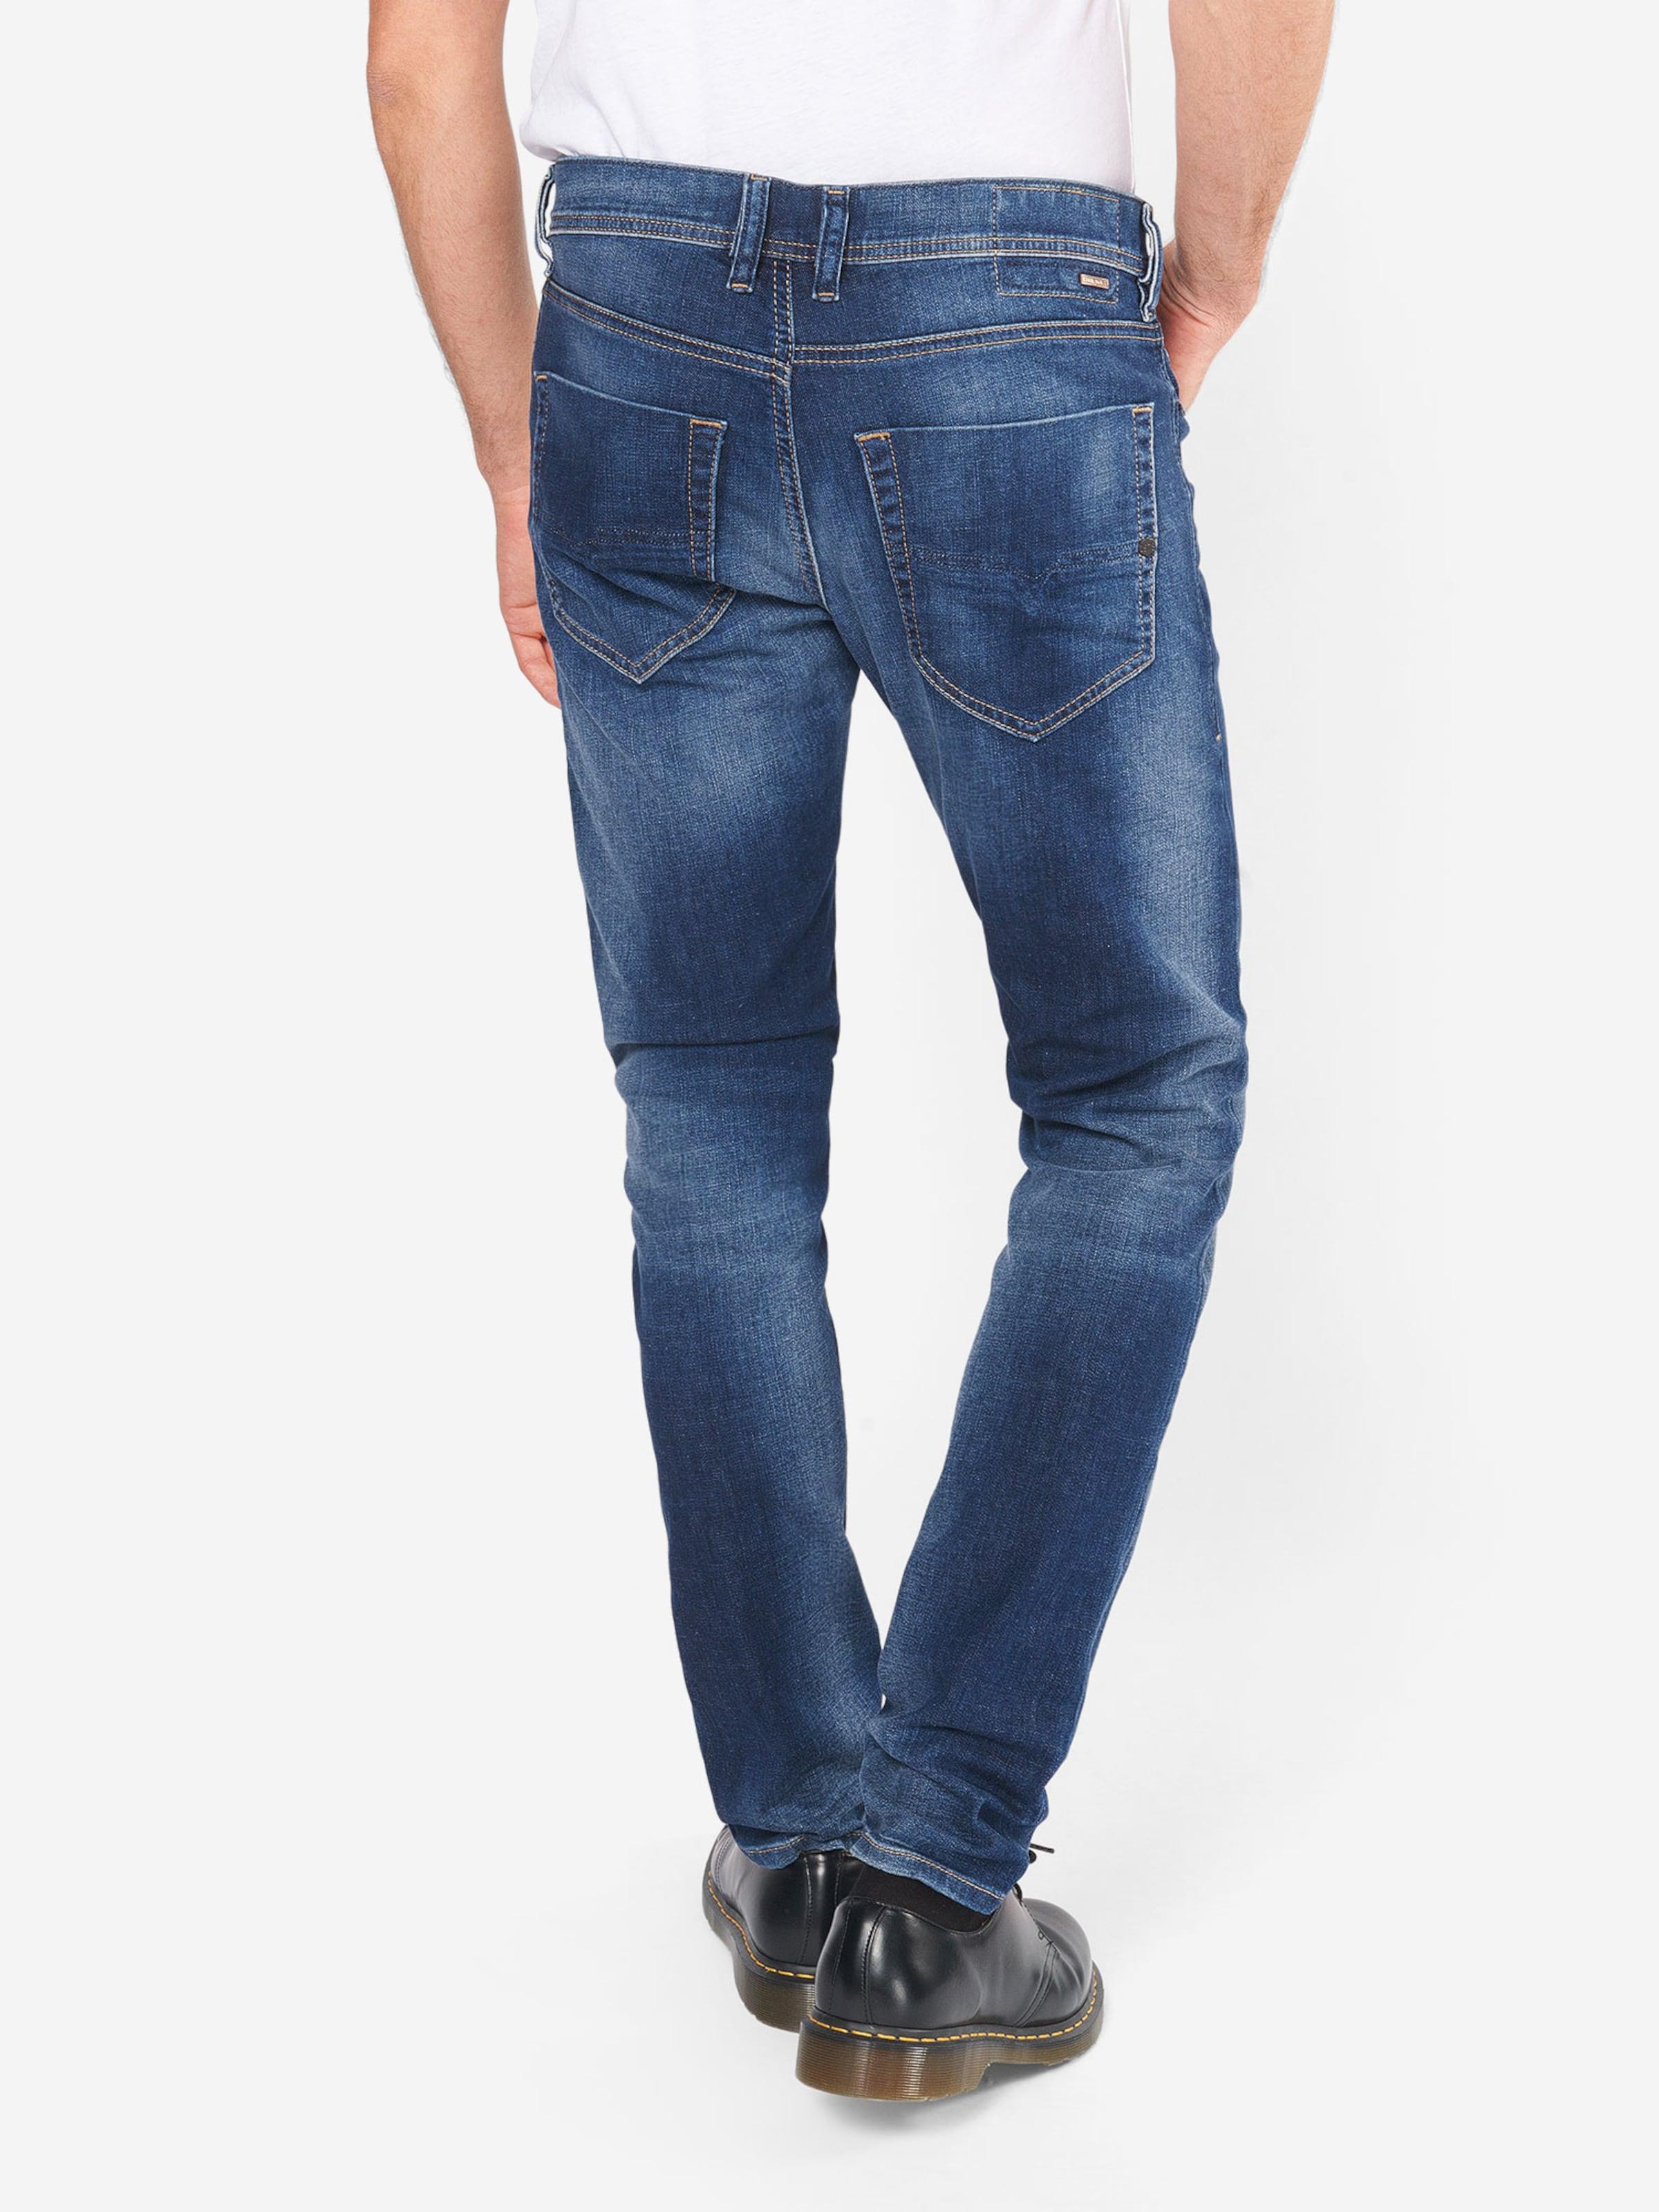 DIESEL Jeans 'Tepphar' 084GI Authentisch Spielraum Besuch Neu Visa-Zahlung Steckdose Shop vz1L2EJ